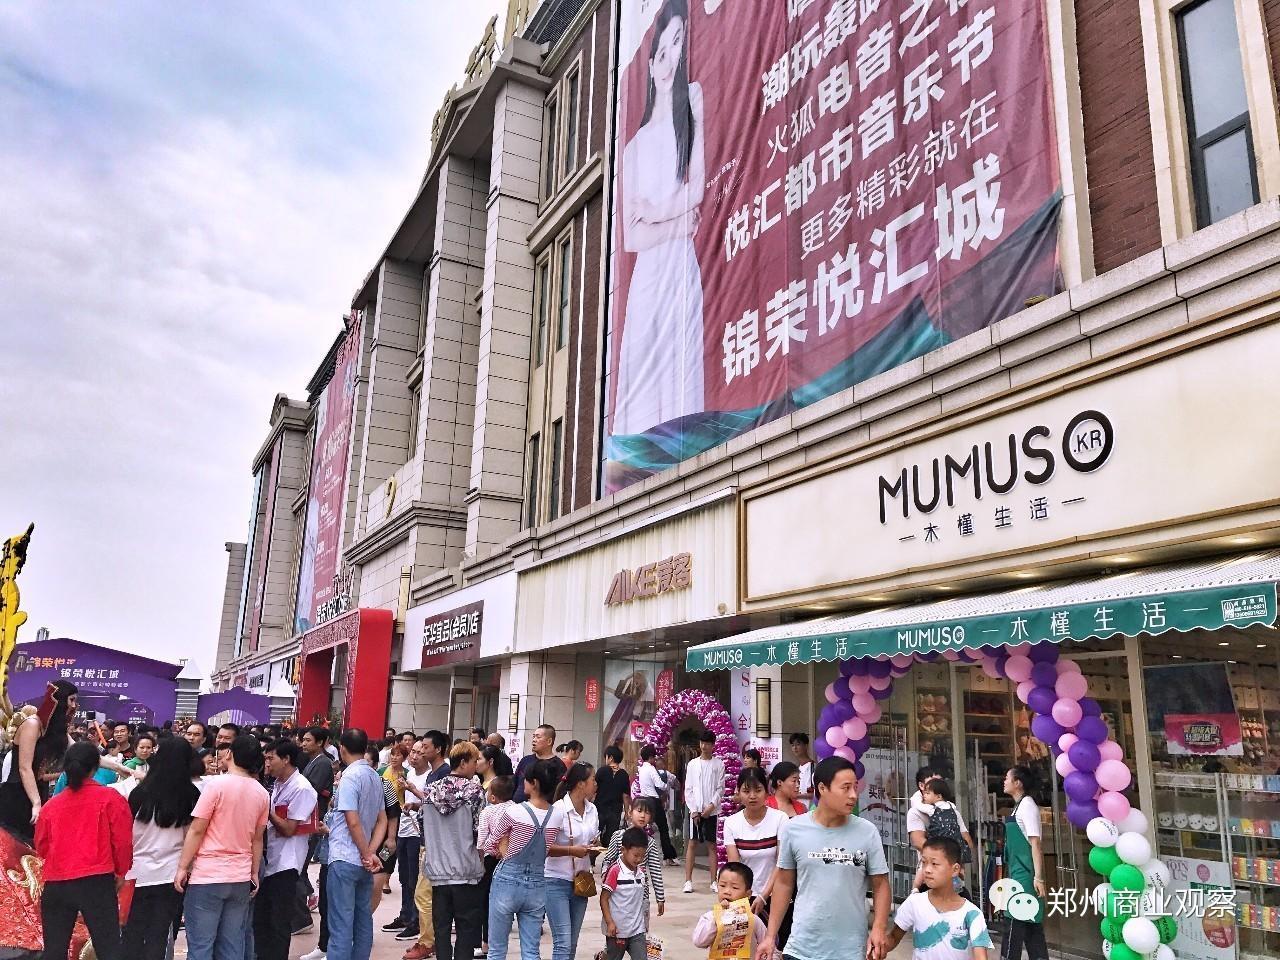 独家|锦荣悦汇城开业首日,客流量10万+、销售额超500万,港区商业步入新车道!